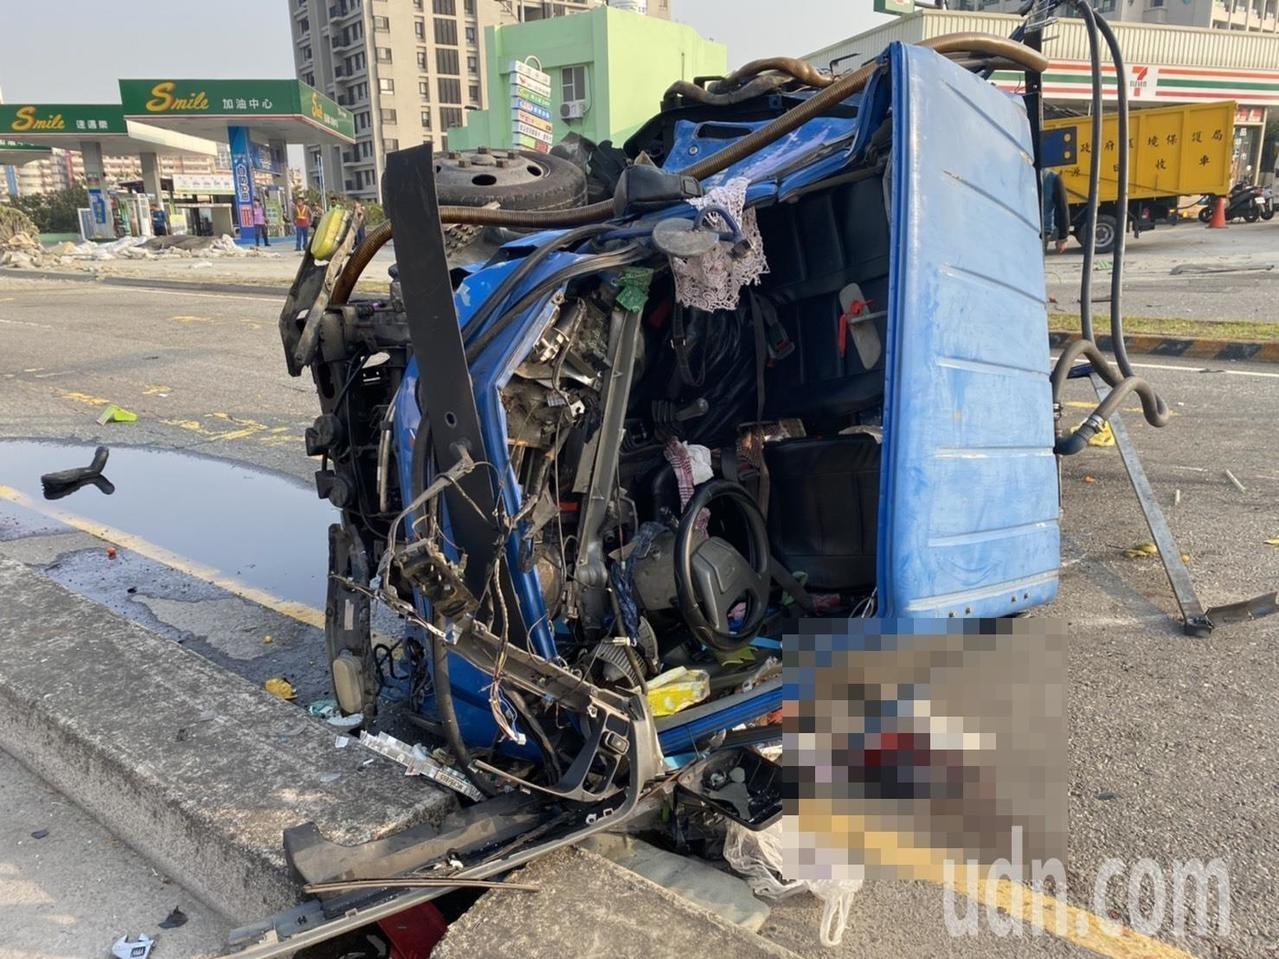 張姓聯結車駕駛不明原因撞擊一輛轎車與小貨車後衝下邊坡,張男四肢擦挫傷,小貨車內夫妻傷重不治。記者林佩均/攝影